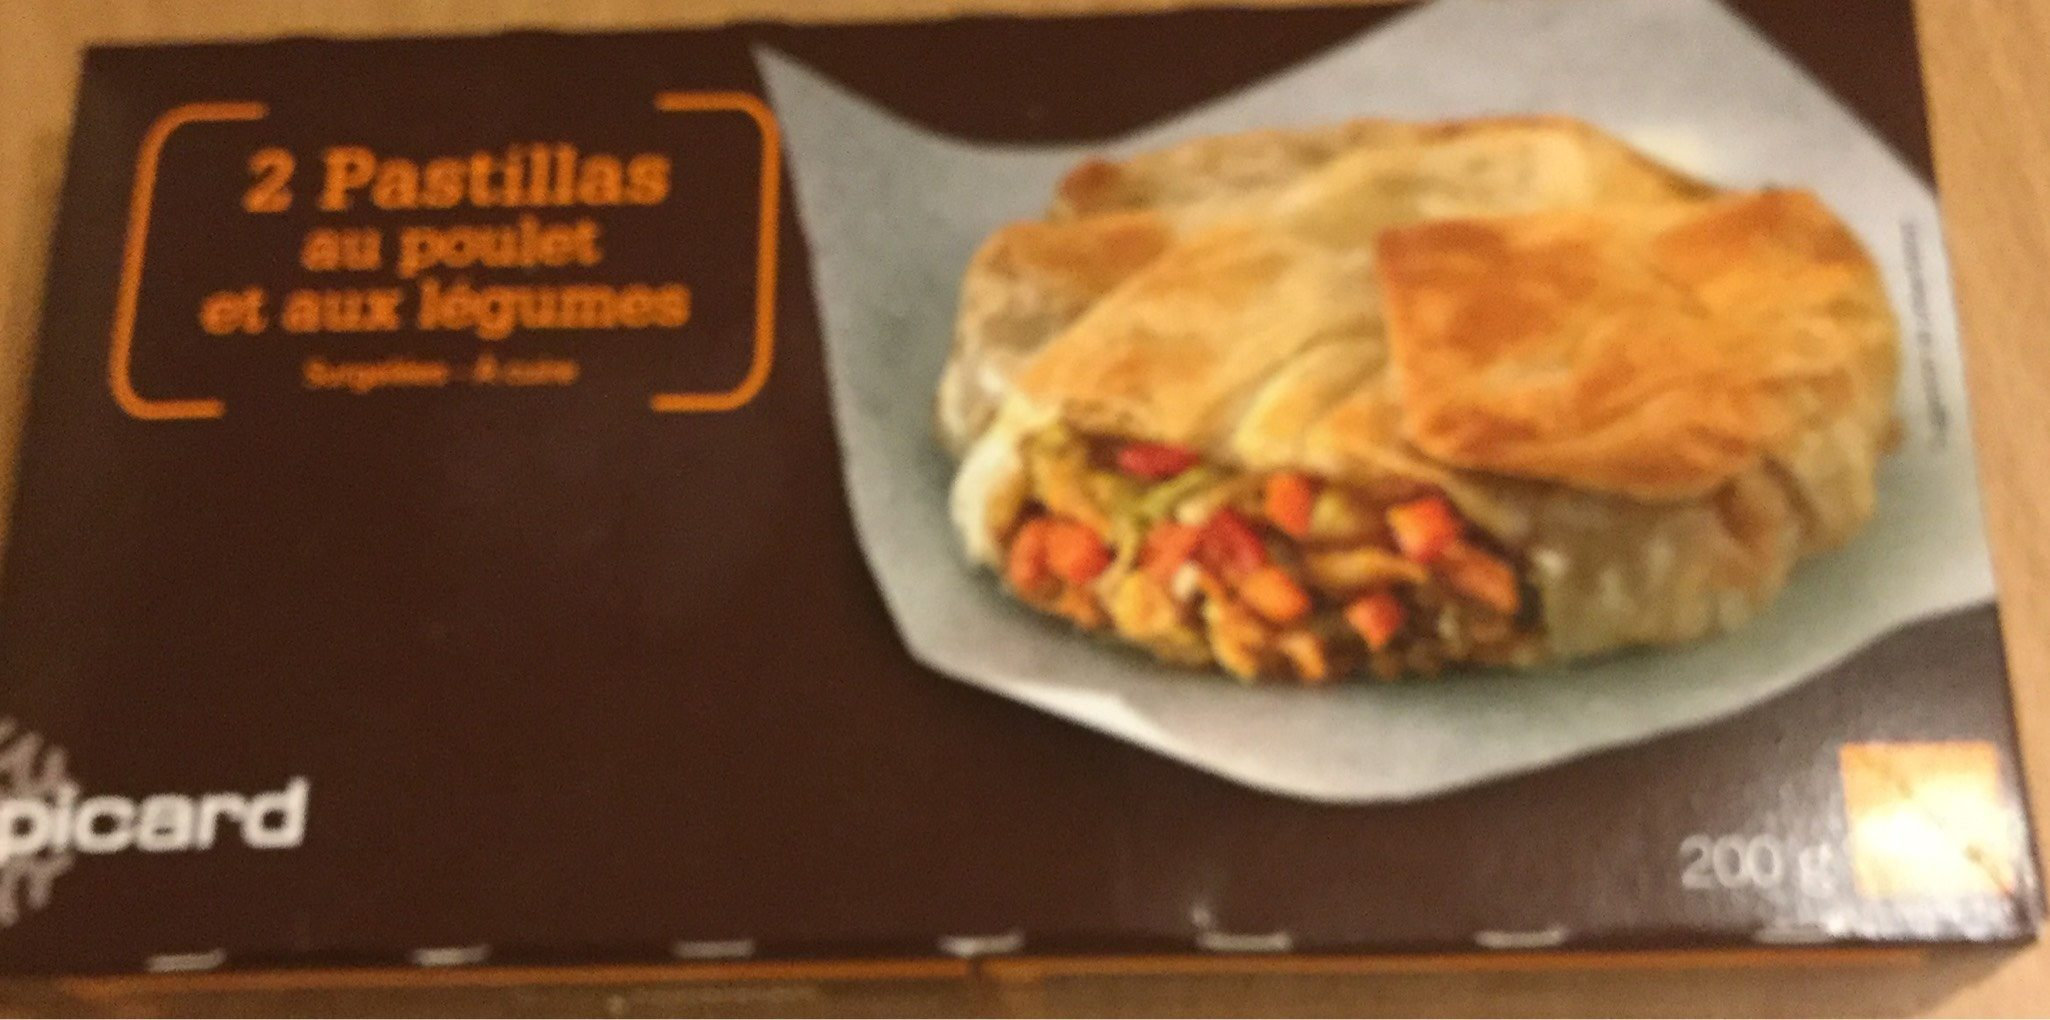 Pastilla poulet legumes - Produit